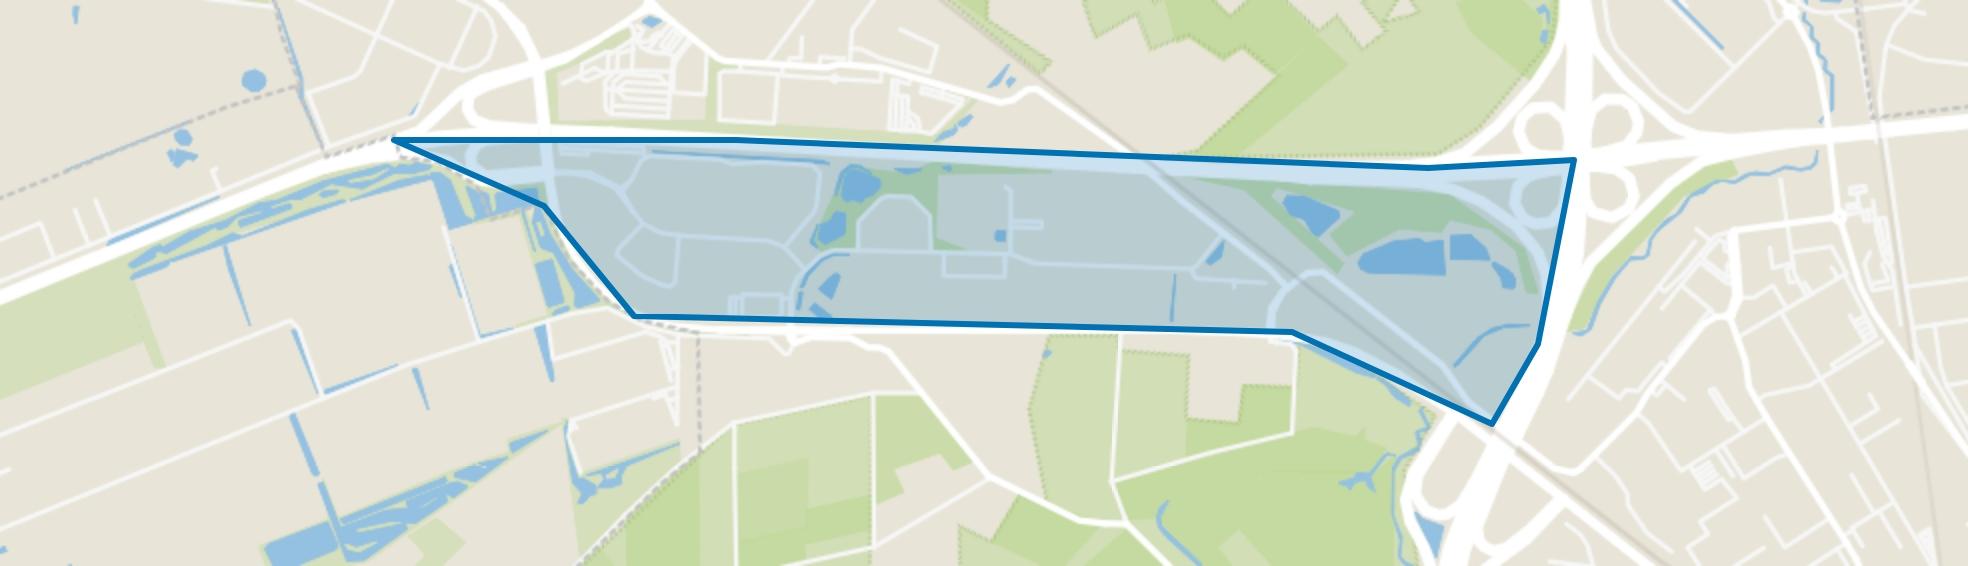 Ecopark, Venlo map